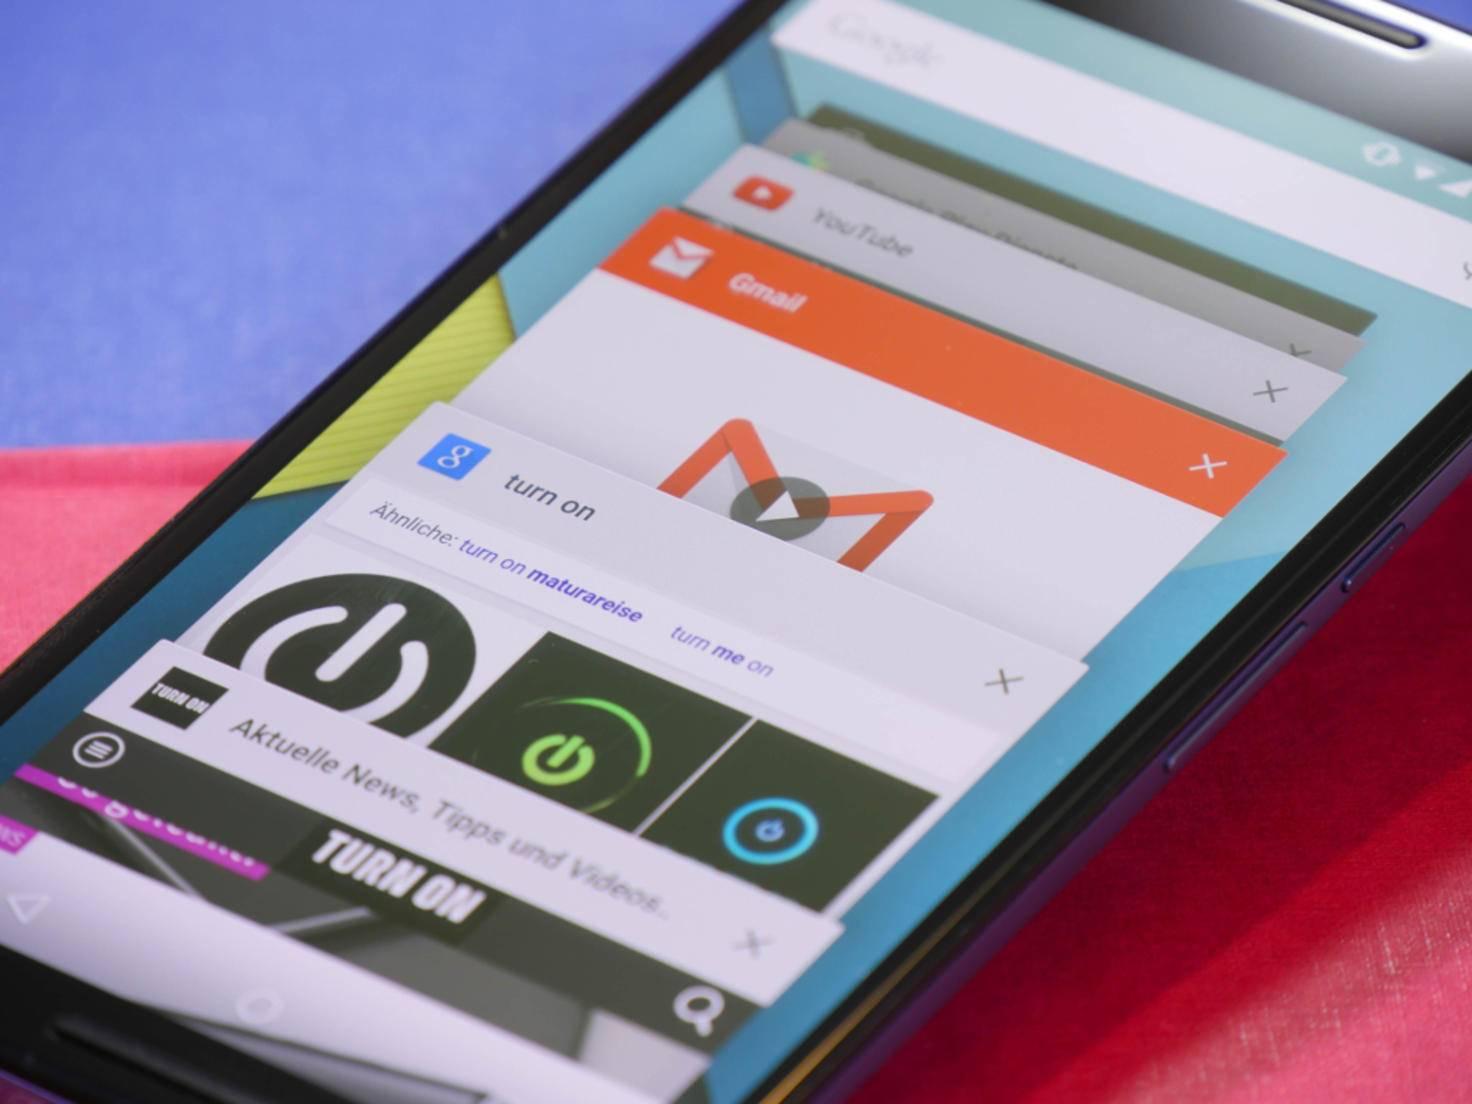 Neu bei Android 5.0 Lollipop ist beispielsweise der überarbeitete Task-Manager.